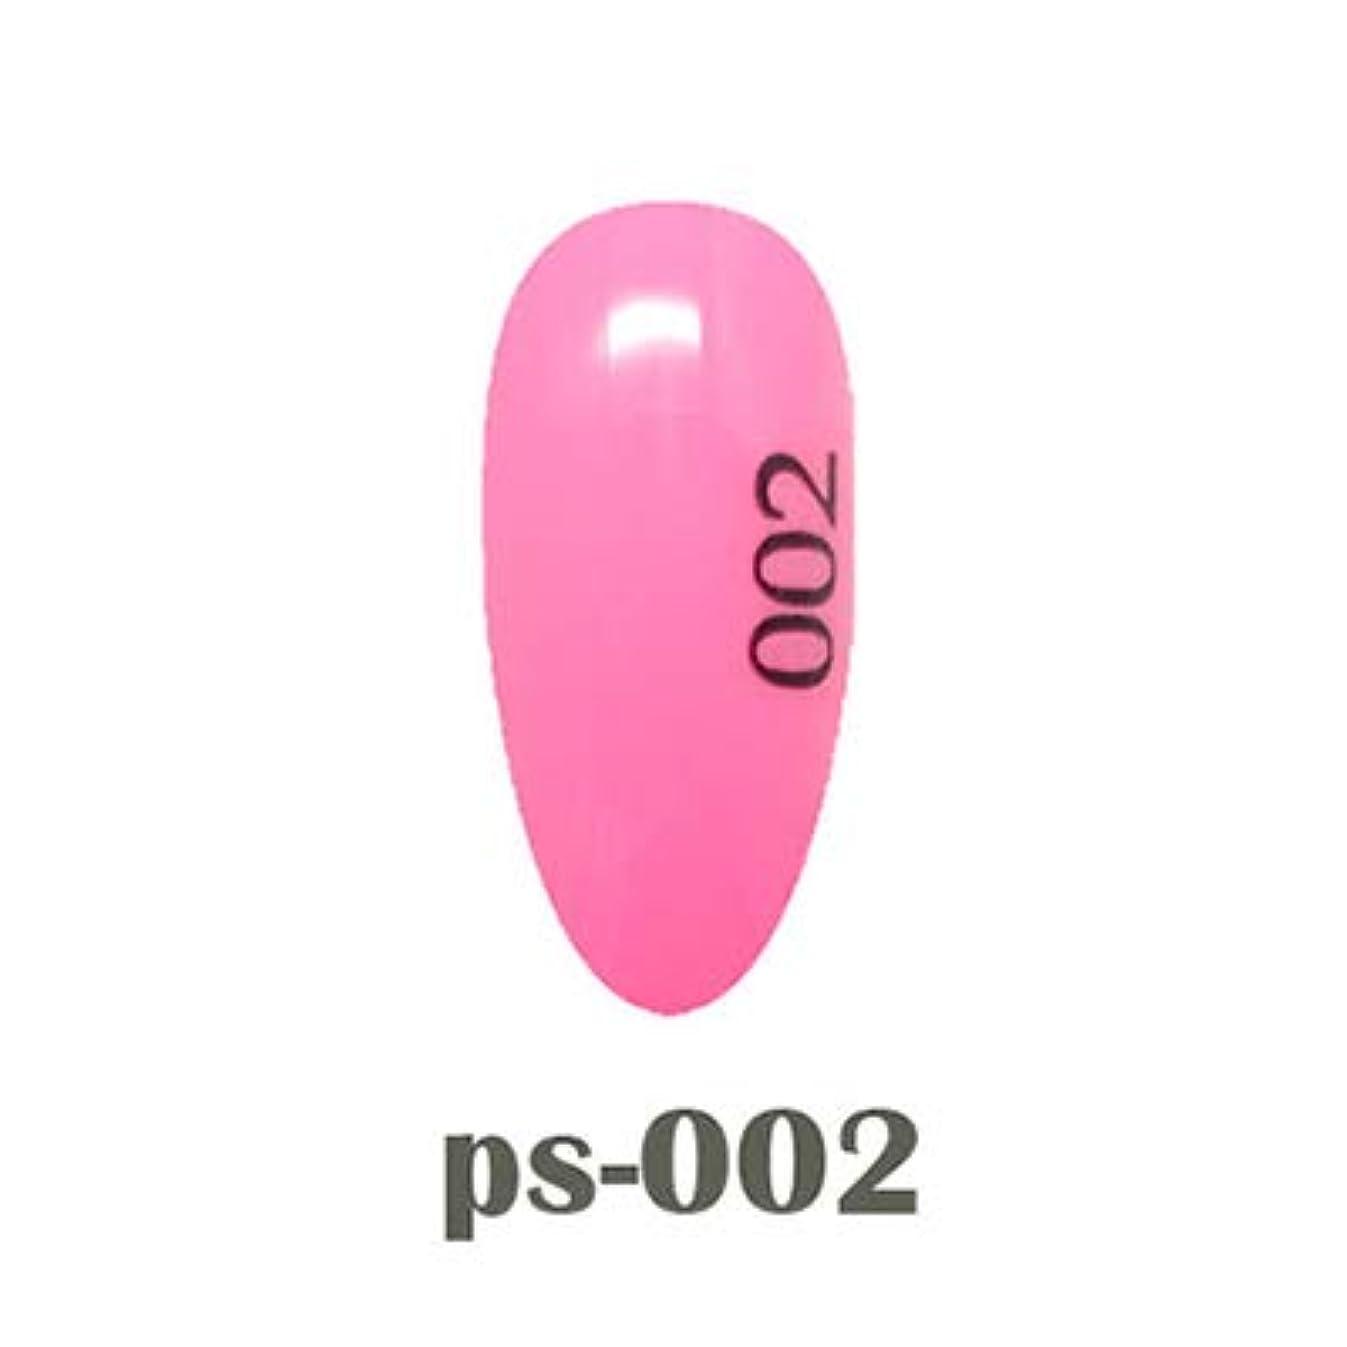 血色の良い結婚した異形アイスジェル カラージェル ポイントパステルシリーズ PP-002 3g